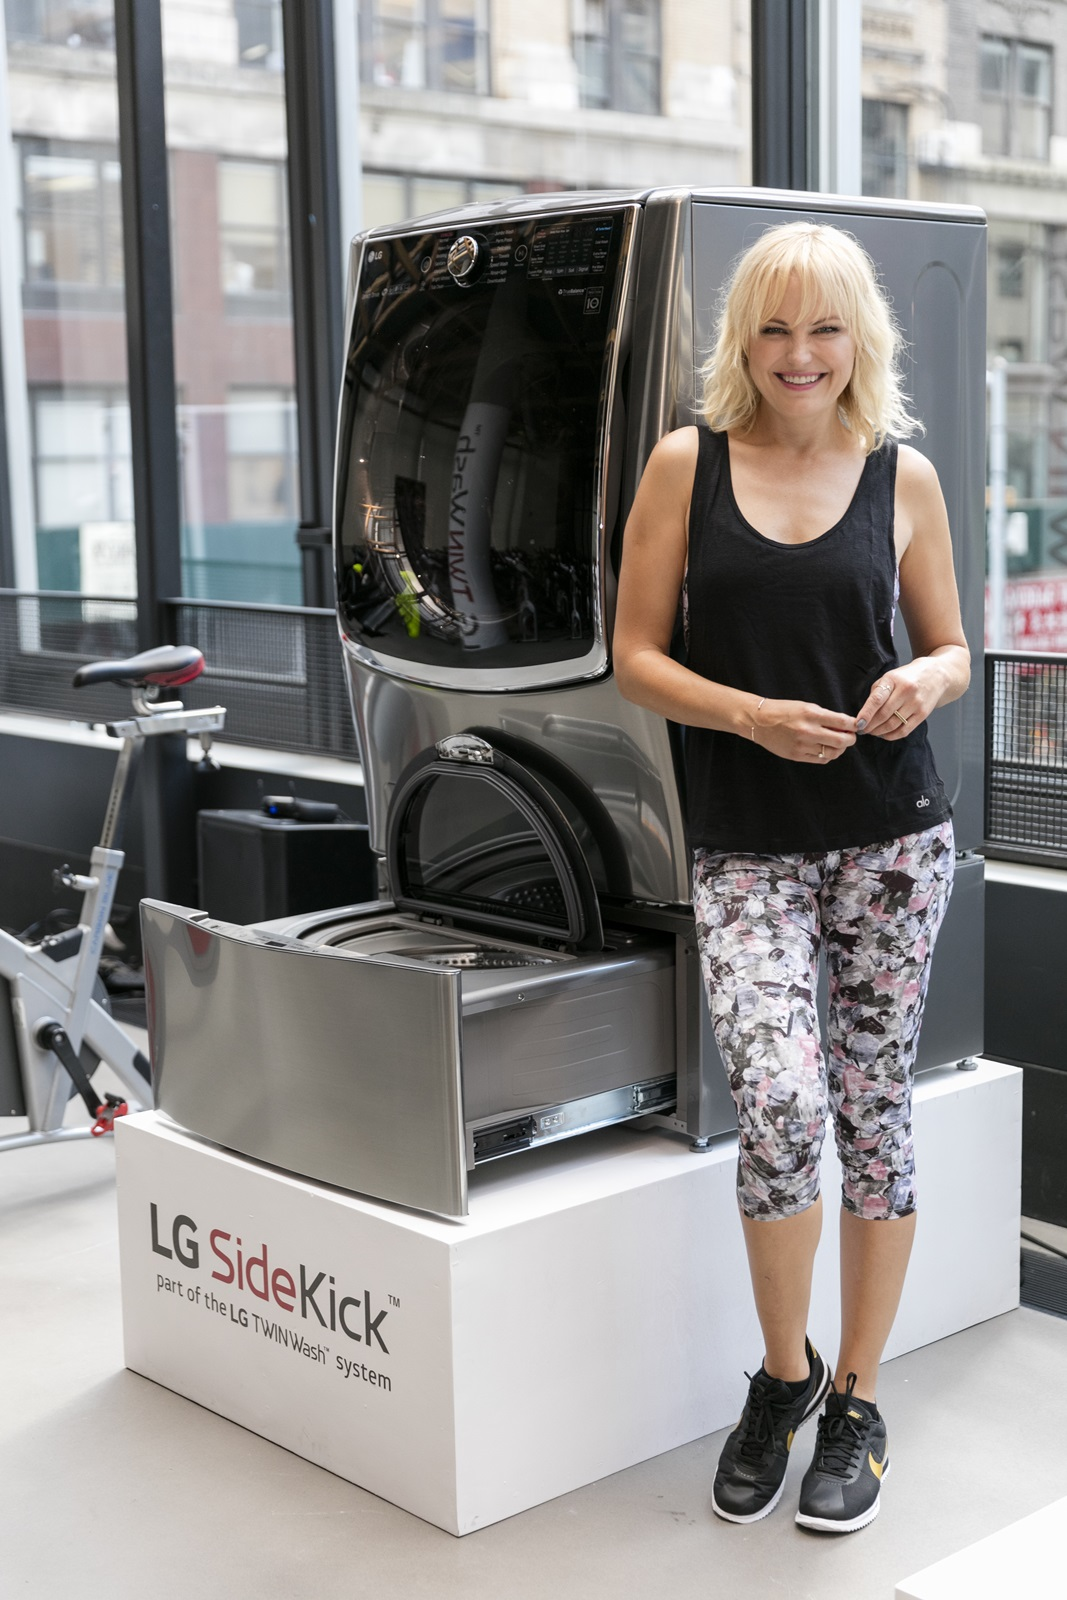 올해 상반기 드럼세탁기 브랜드별 매출액 1위 트윈워시 앞세워 프리미엄 드럼세탁기 판매 확대 차별화된 기술 혁신으로 미국의 세탁 문화 선도